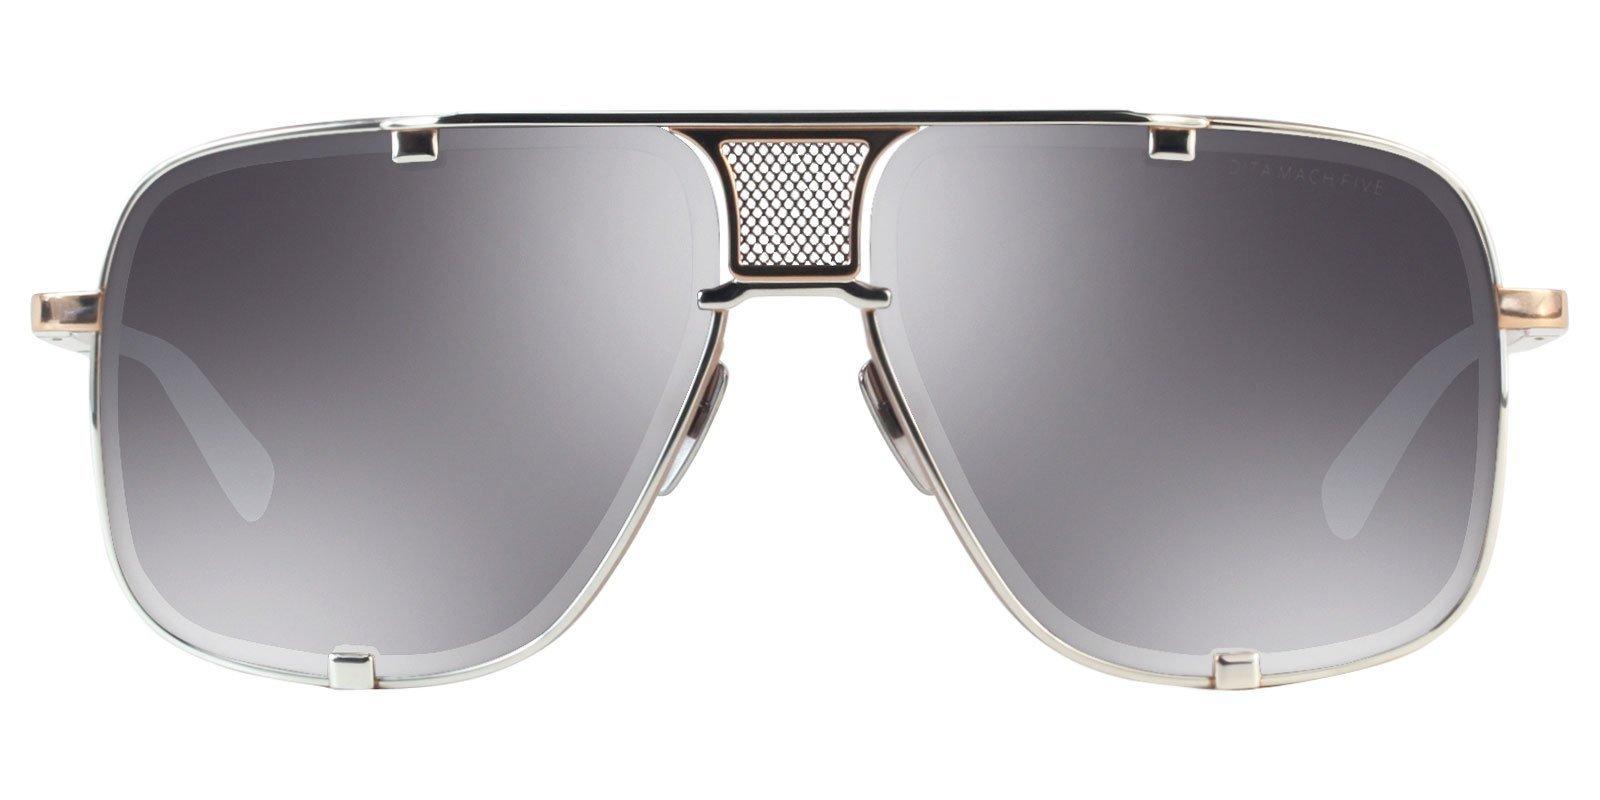 a0547beba2e Dita - Mach Five Platinum Rose Gold - Silver sunglasses